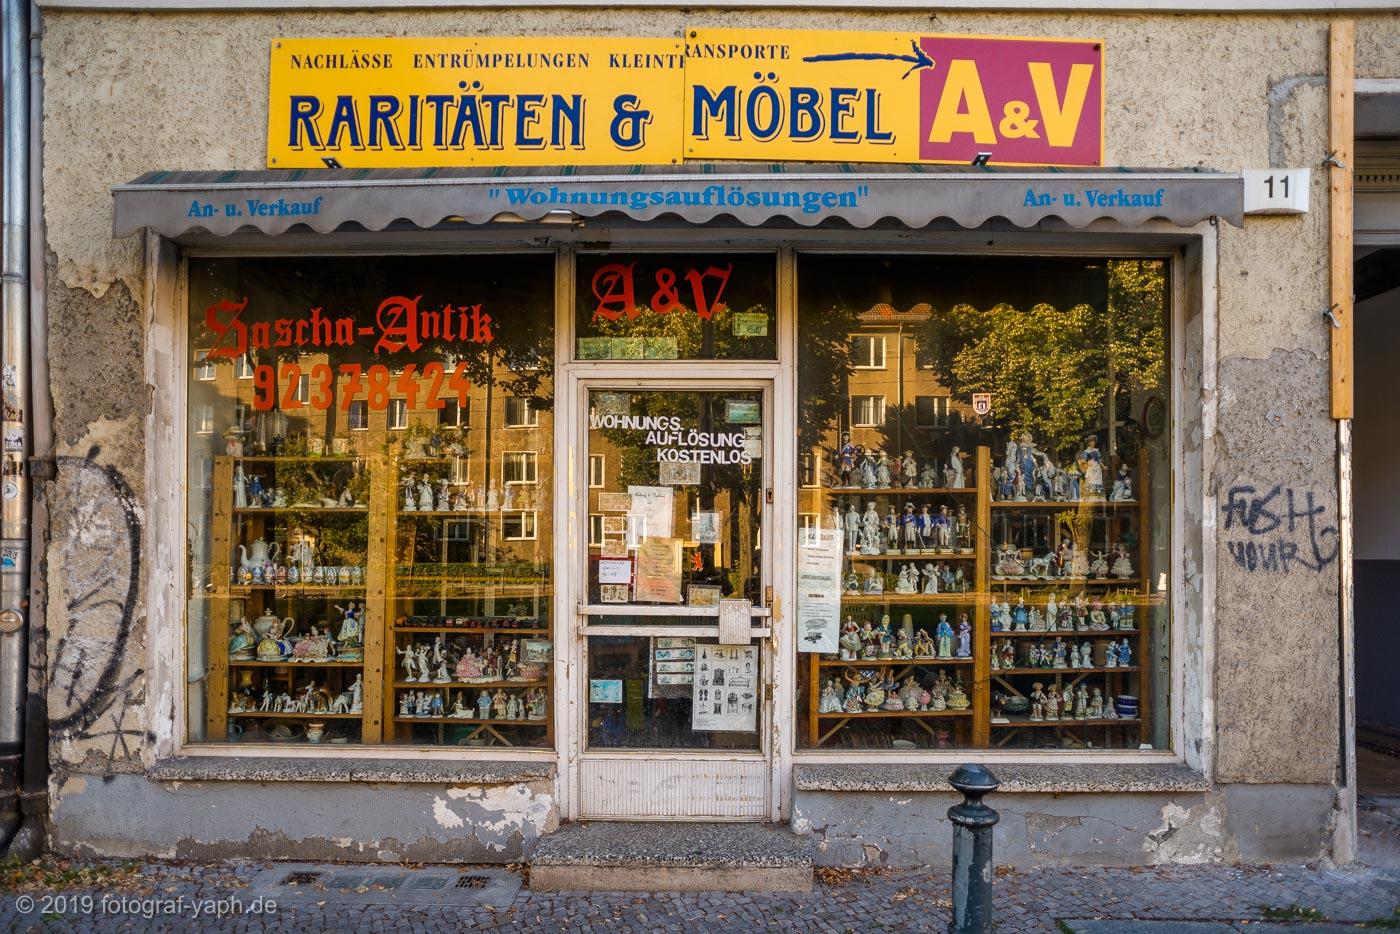 Charmante alte Ecken in der Hauptstadt Berlin sind für Fotograf Yaph eines der schönsten Fotomotive als Kontrast zur postmodernen Architektur.